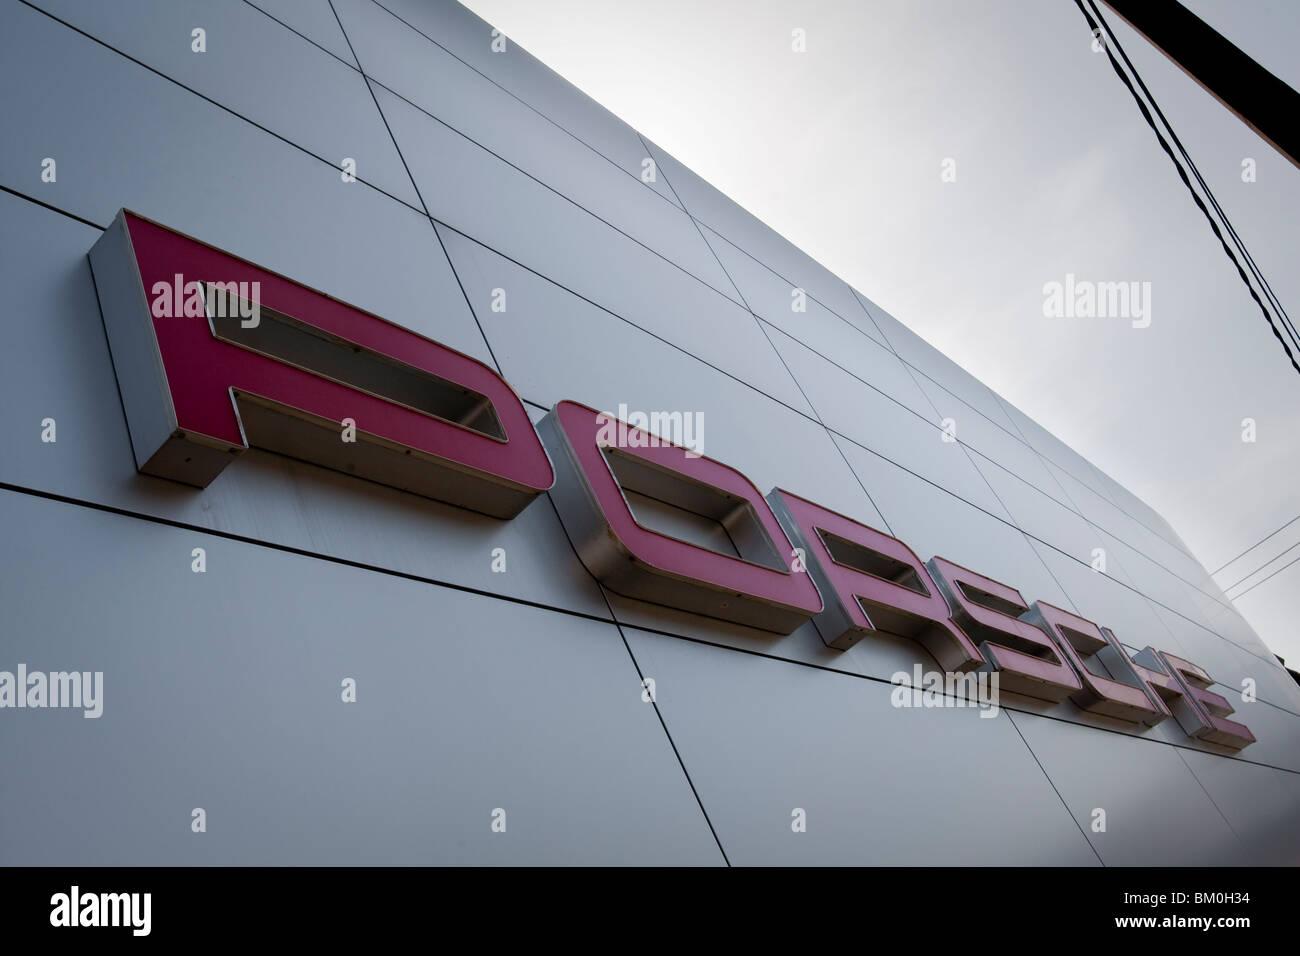 Bm Plus Siegen porsche logo a car stock photos porsche logo a car stock images